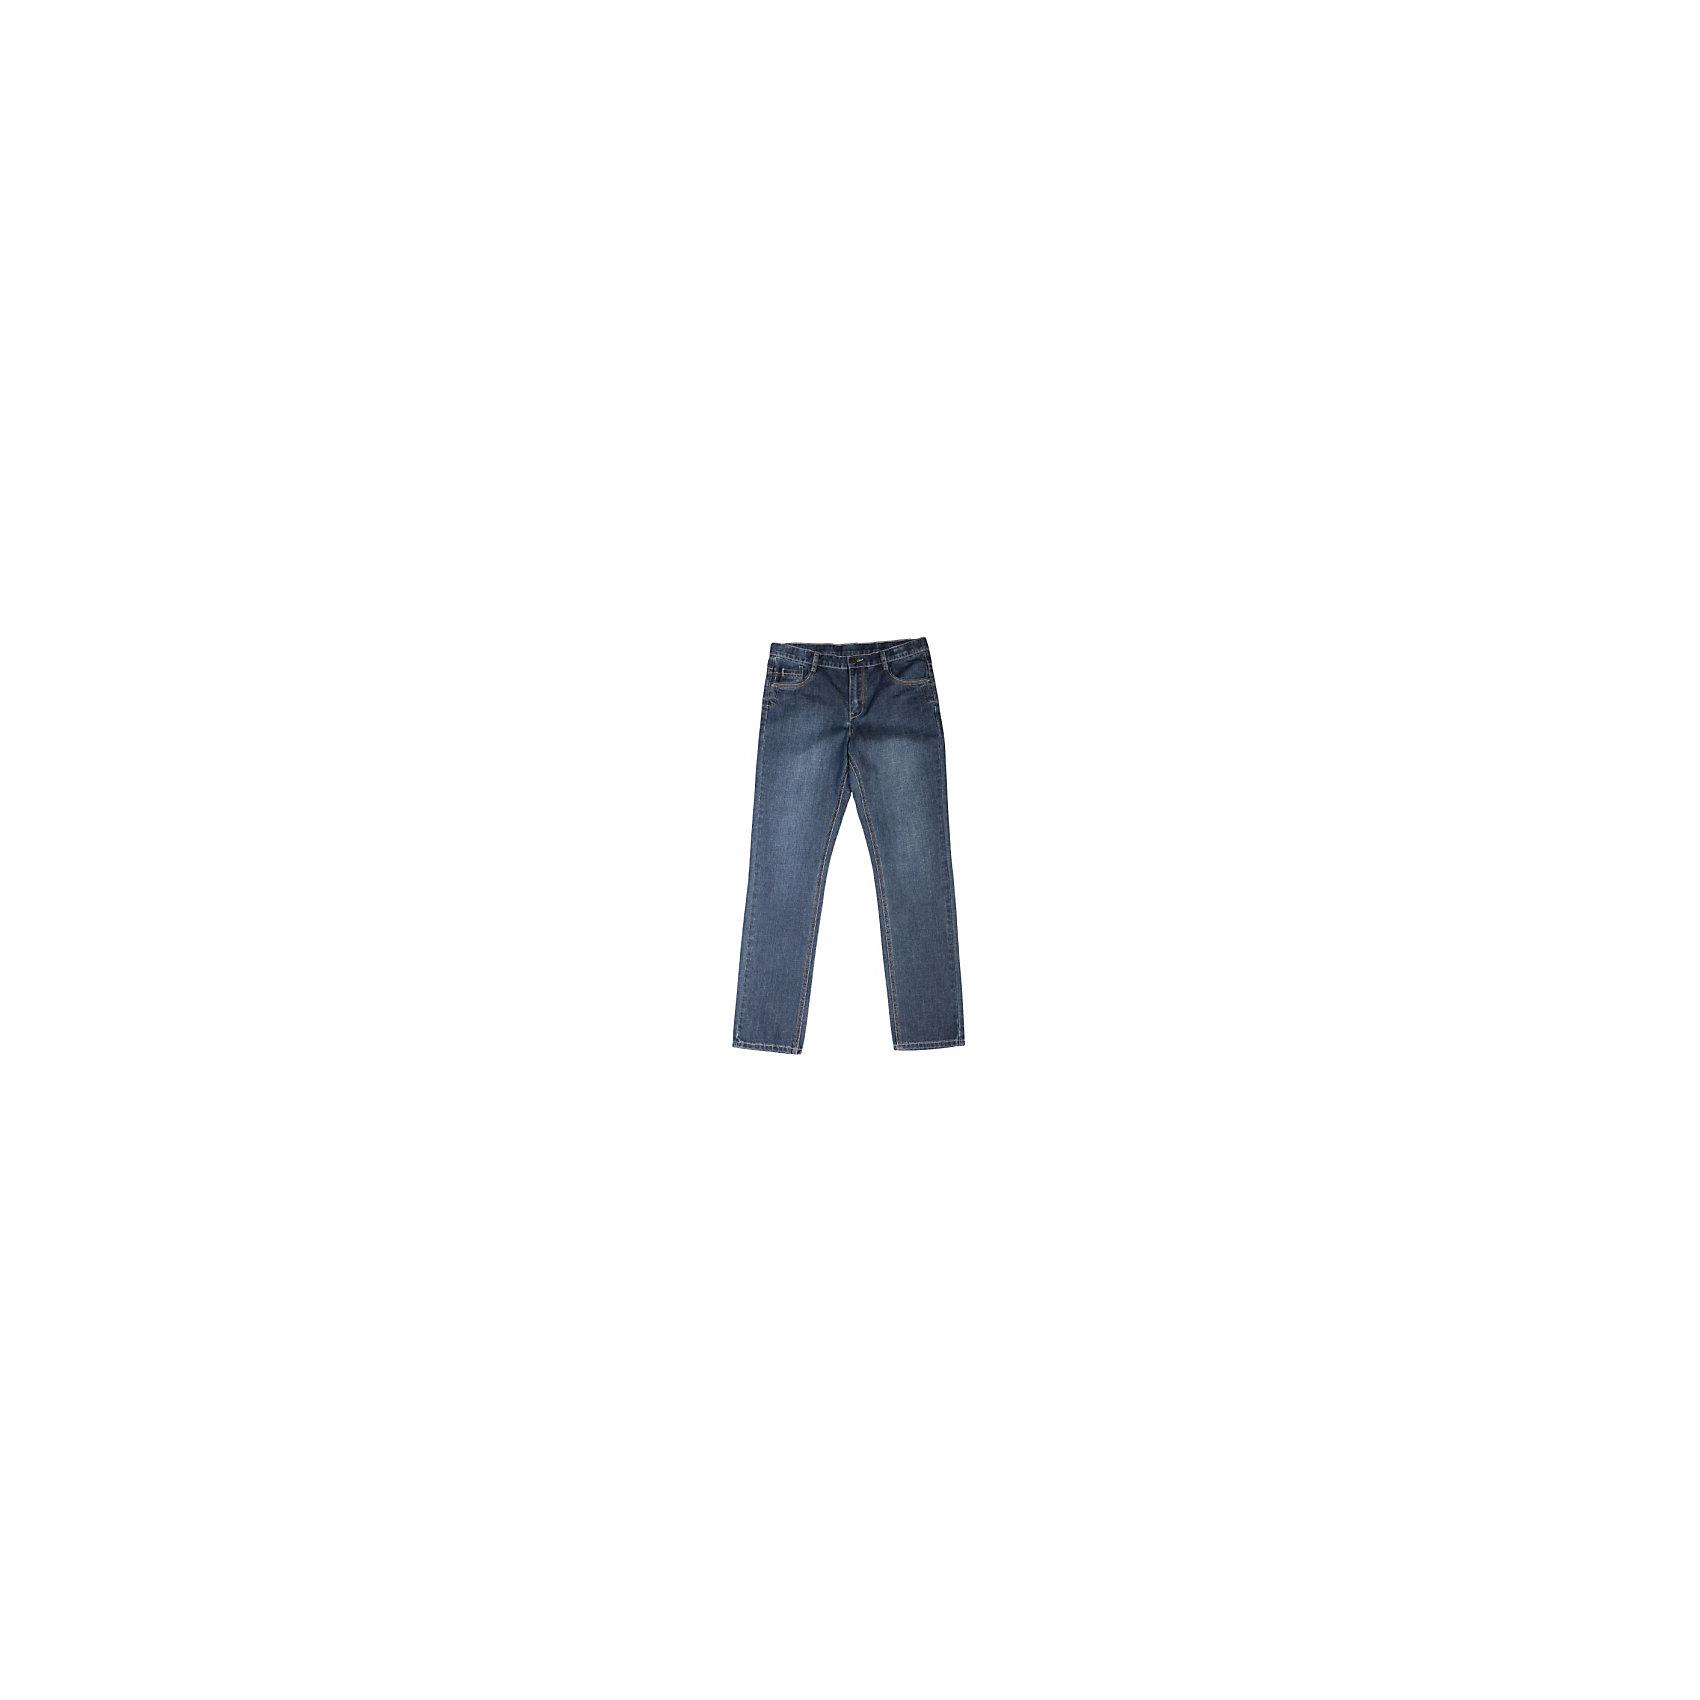 Джинсы для мальчика ScoolДжинсы для мальчика из коллекции «Скорость» от известного бренда Scool. Стильные джинсы на каждый день приятного темно-синего цвета сделаны из хлопка. Джинсы на молнии, имеют классические 5 карманов, прекрасно подойдут как к рубашкам, так и к футболкам.<br><br>Дополнительная информация:<br>- Силуэт прямой <br><br>Состав: 100% хлопок <br><br>Джинсы для мальчиков Scool можно купить в нашем интернет-магазине.<br><br>Подробнее:<br>• Для детей в возрасте: от 9 до 13 лет<br>• Номер товара: 4911444<br>Страна производитель: Китай<br><br>Ширина мм: 215<br>Глубина мм: 88<br>Высота мм: 191<br>Вес г: 336<br>Цвет: синий<br>Возраст от месяцев: 108<br>Возраст до месяцев: 120<br>Пол: Мужской<br>Возраст: Детский<br>Размер: 140,134,164,158,152,146<br>SKU: 4911443